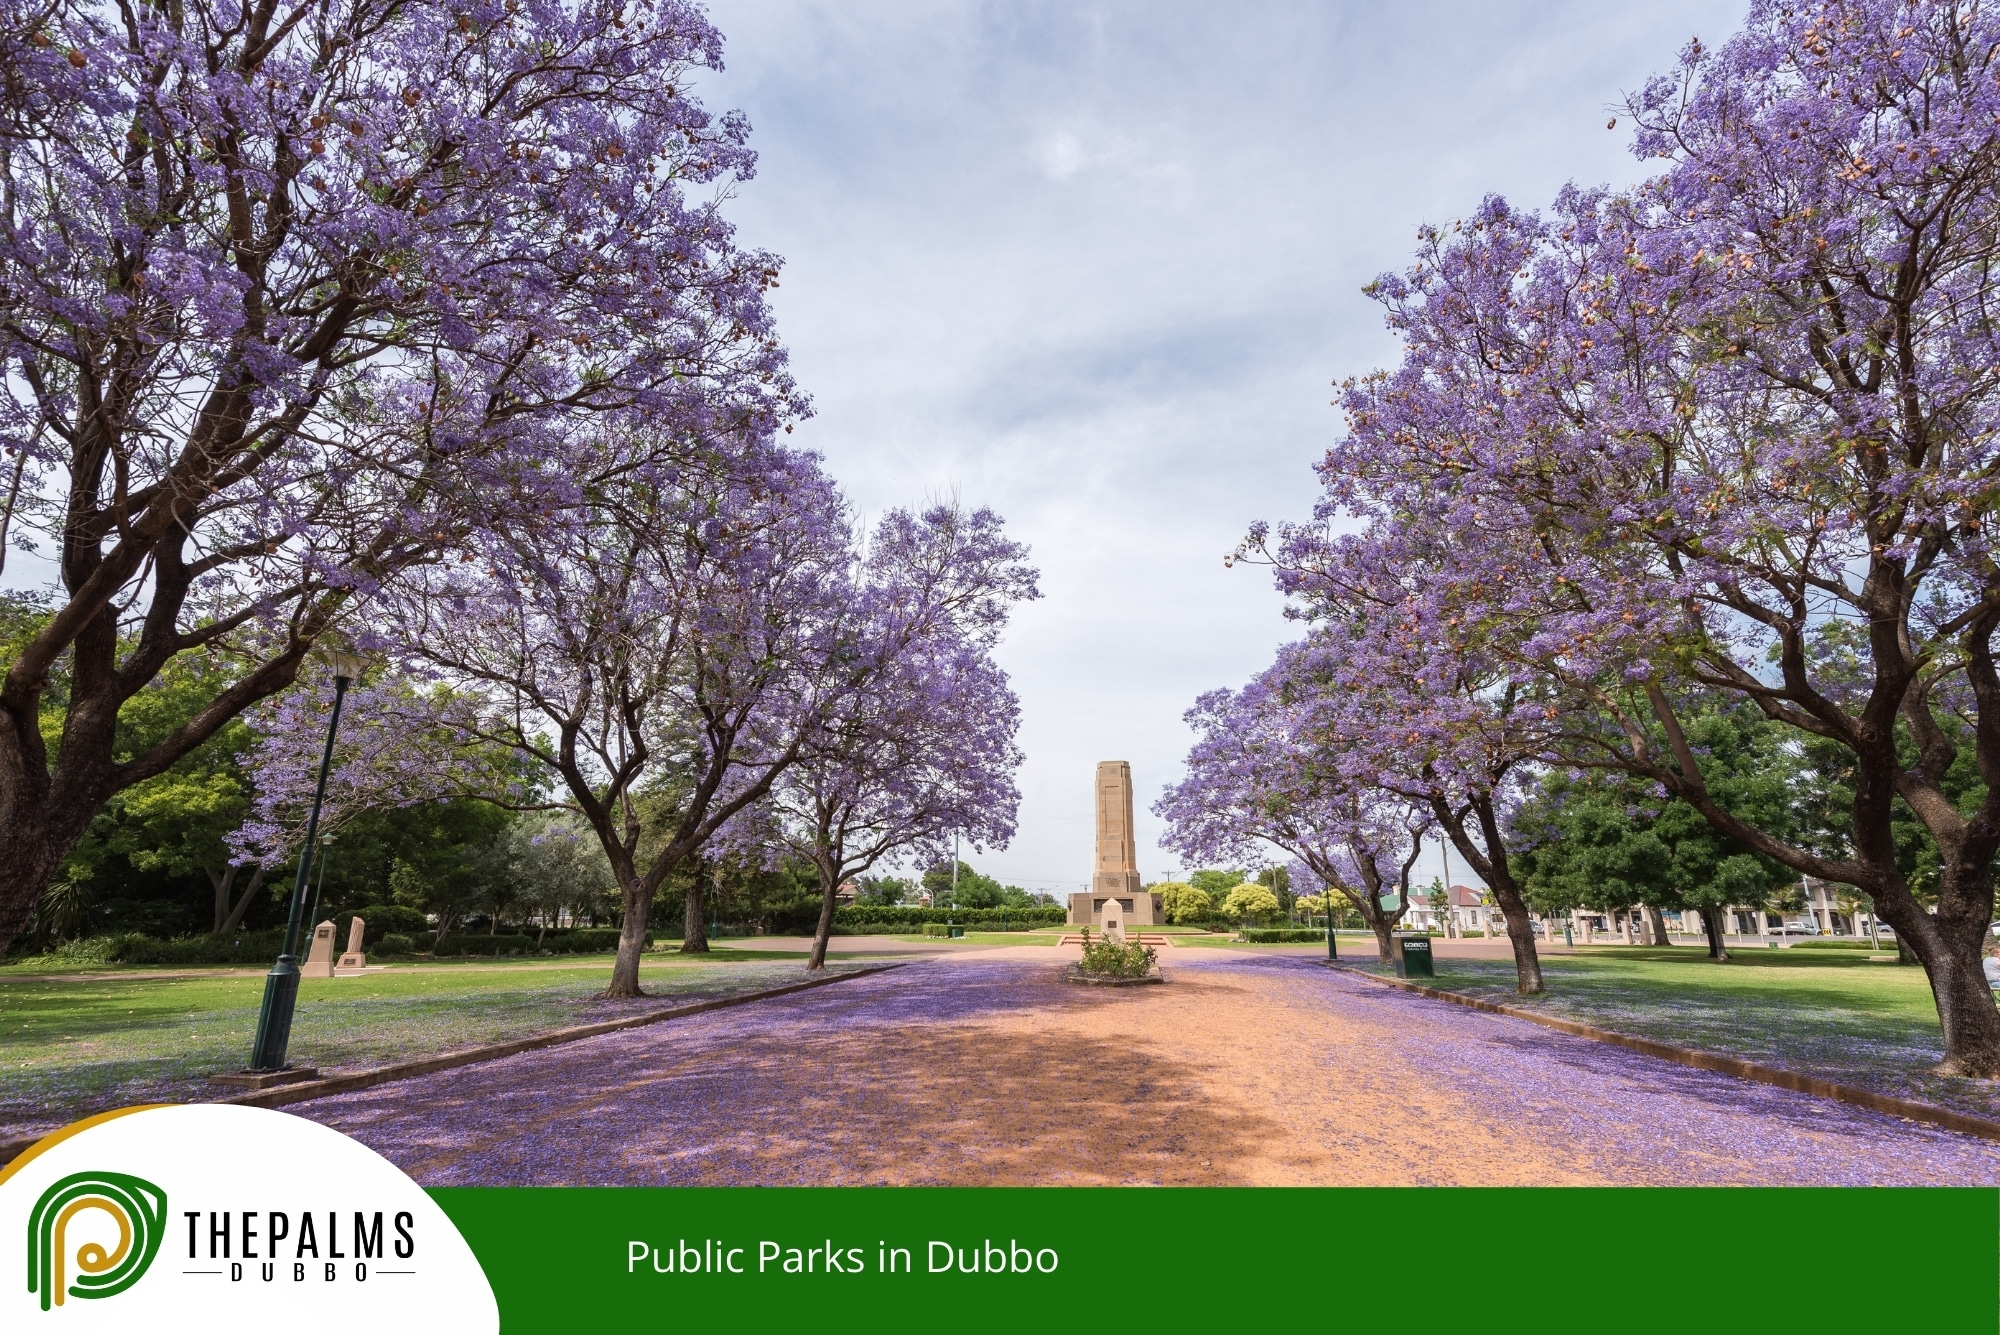 Public Parks in Dubbo